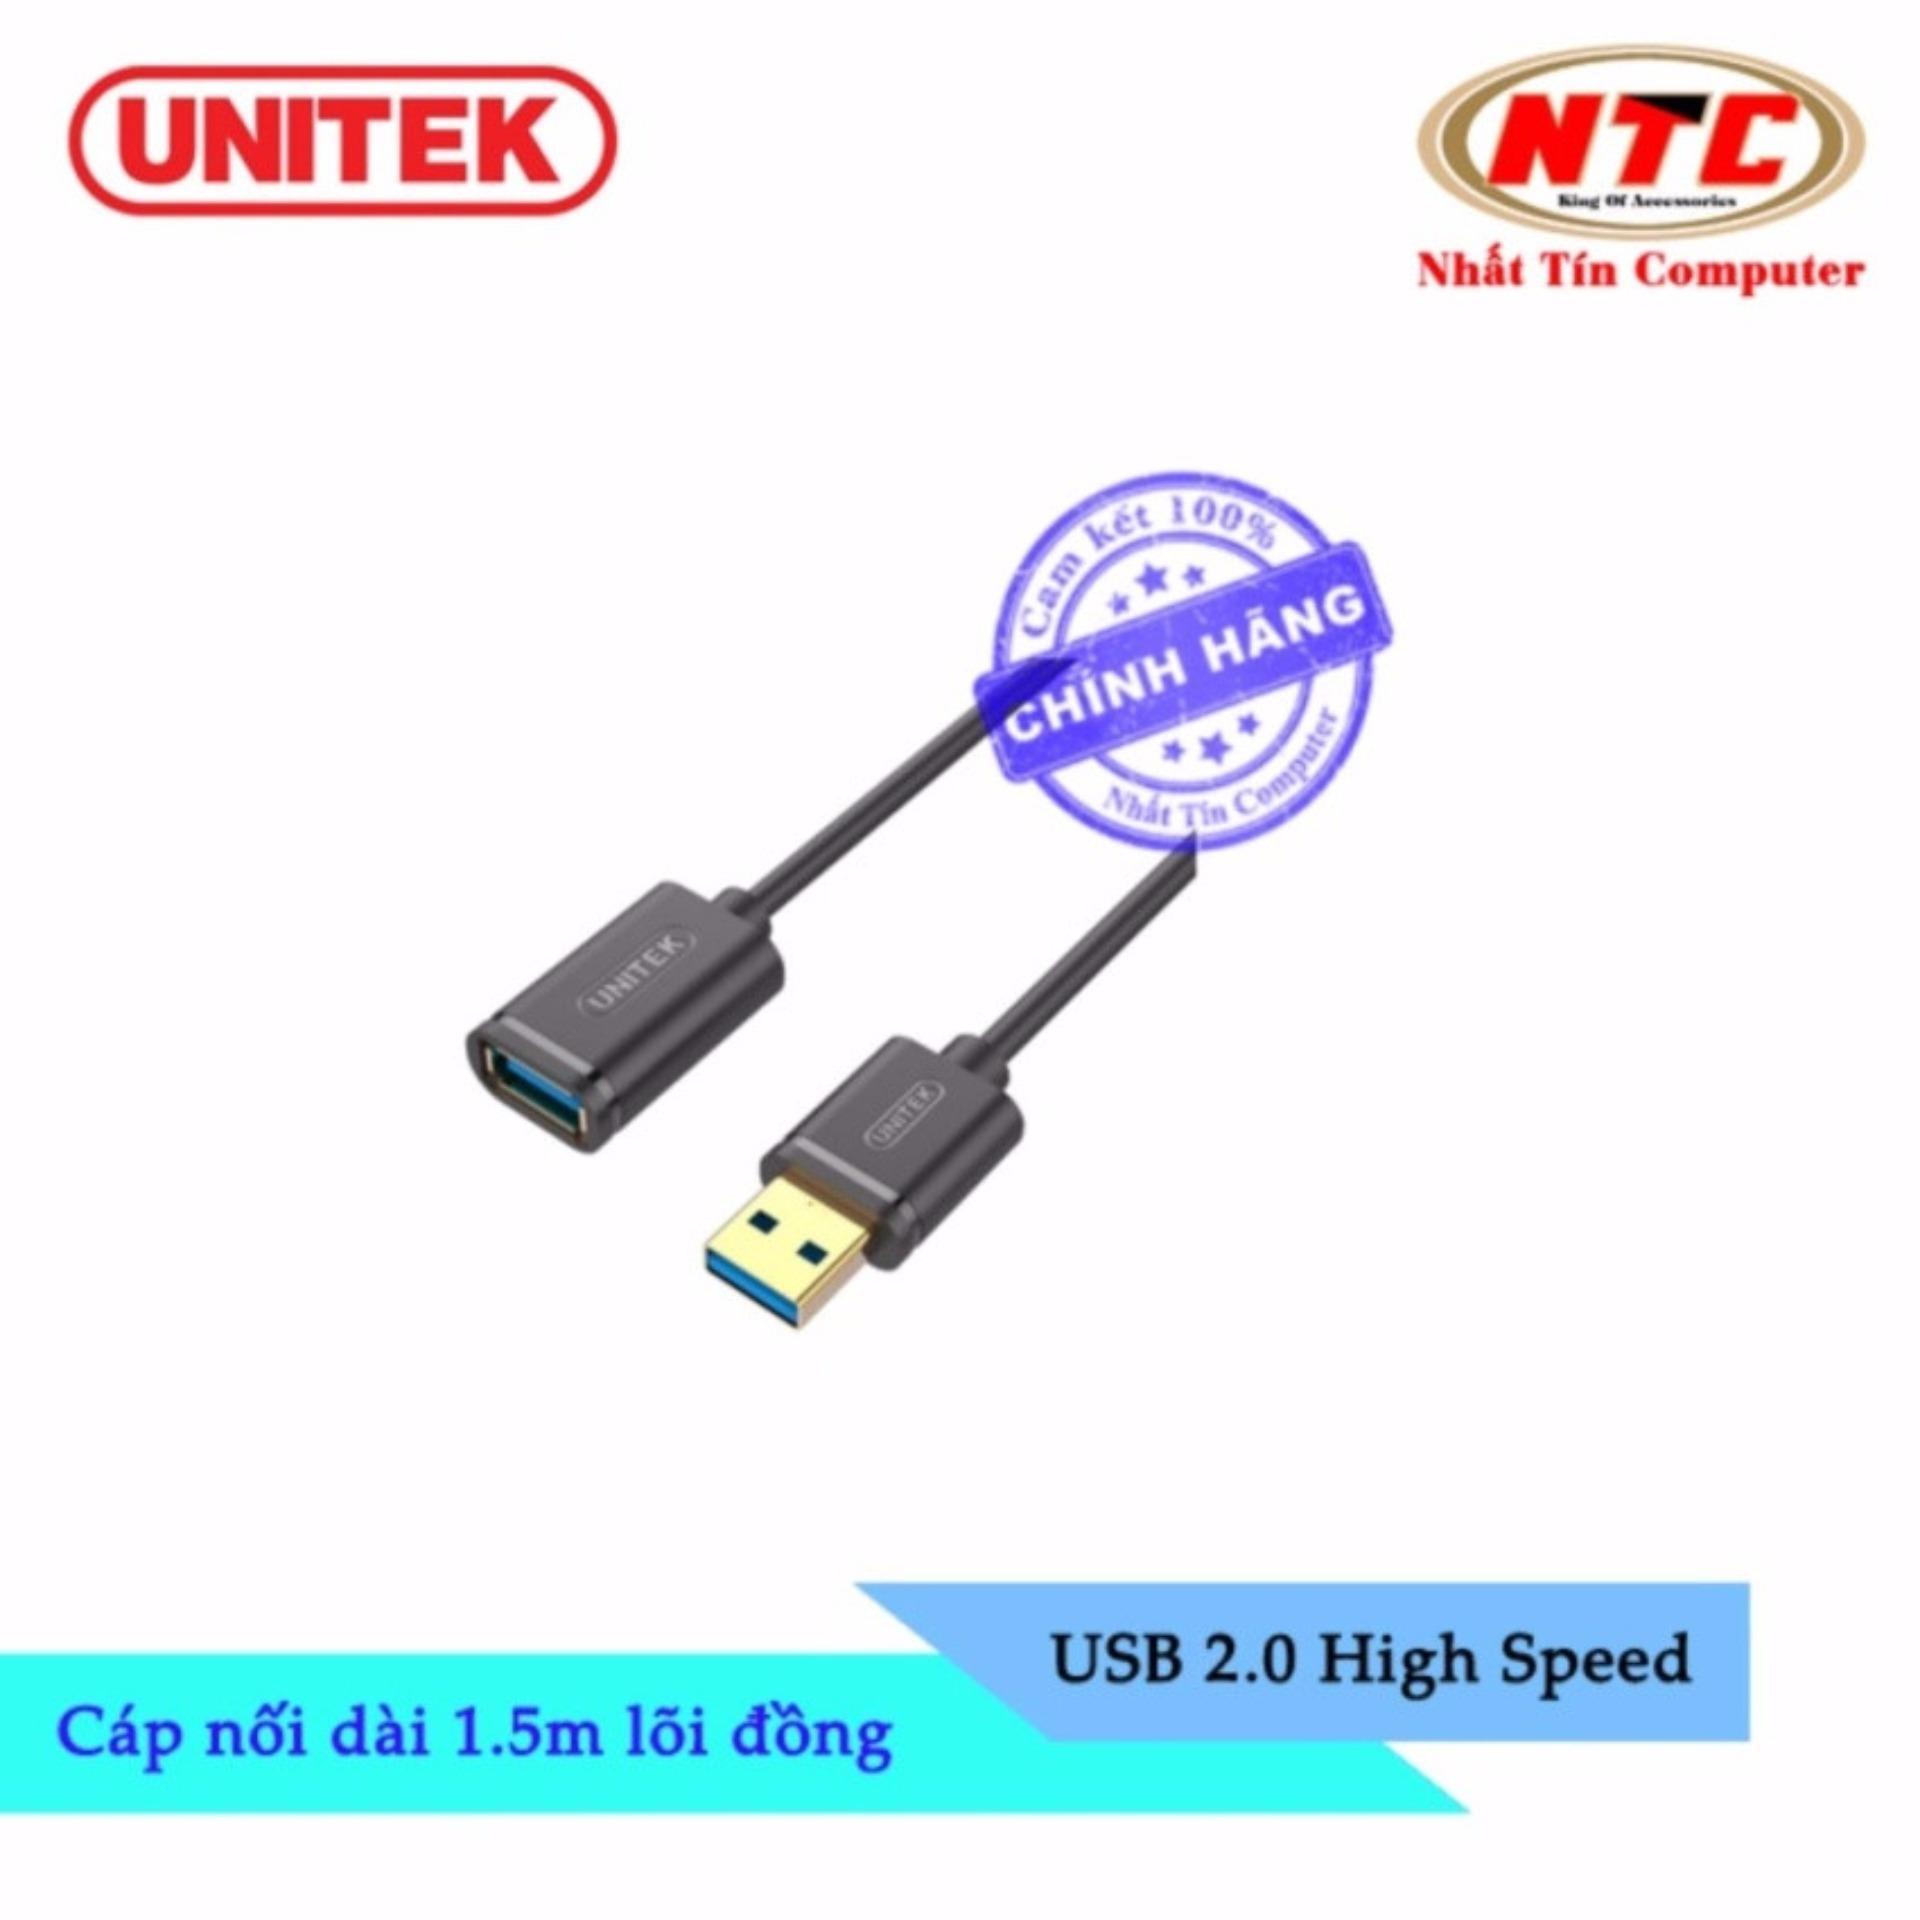 Cáp USB nối dài 2.0 Unitek Y-C 449GBK - dài 1.5m (Đen) - Hãng phân phối chính thức